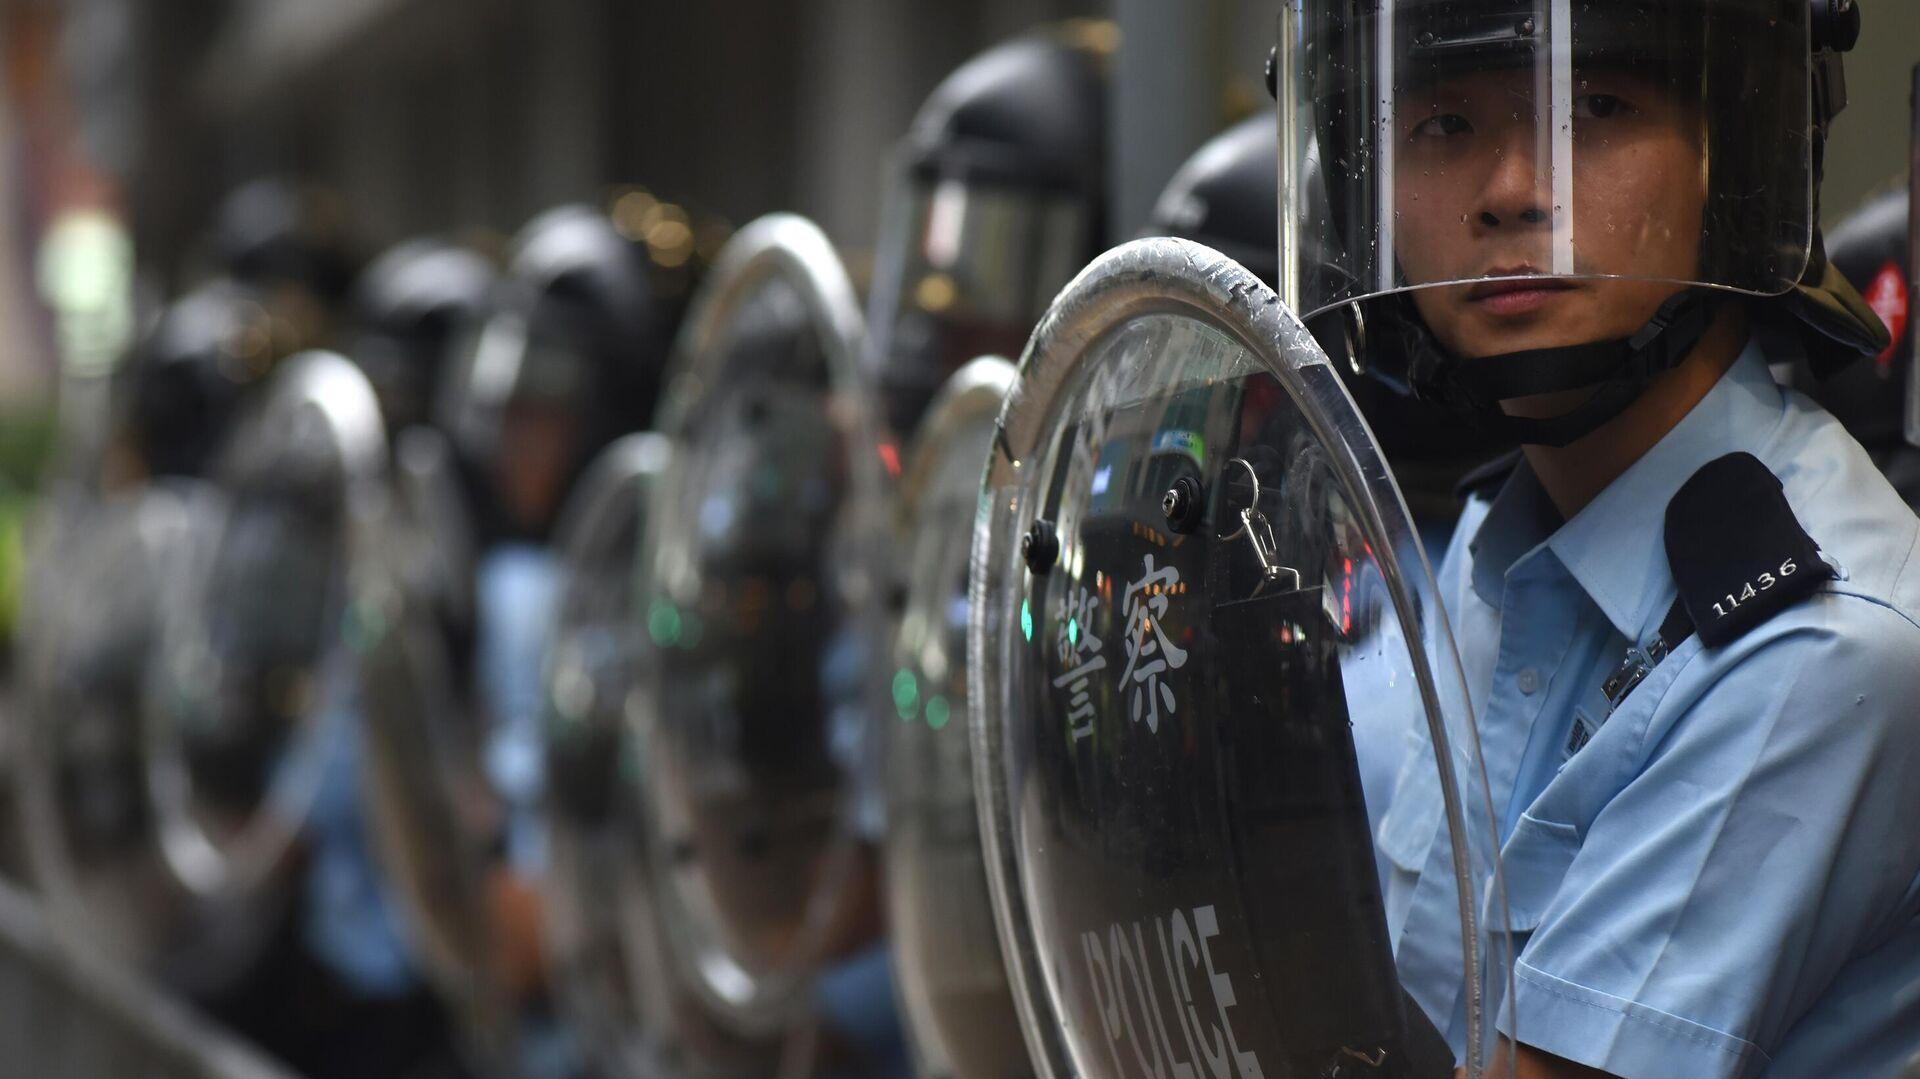 Полицейские у полицейского участка во время акции протеста в Гонконге.  17 августа 2019 - РИА Новости, 1920, 05.06.2021